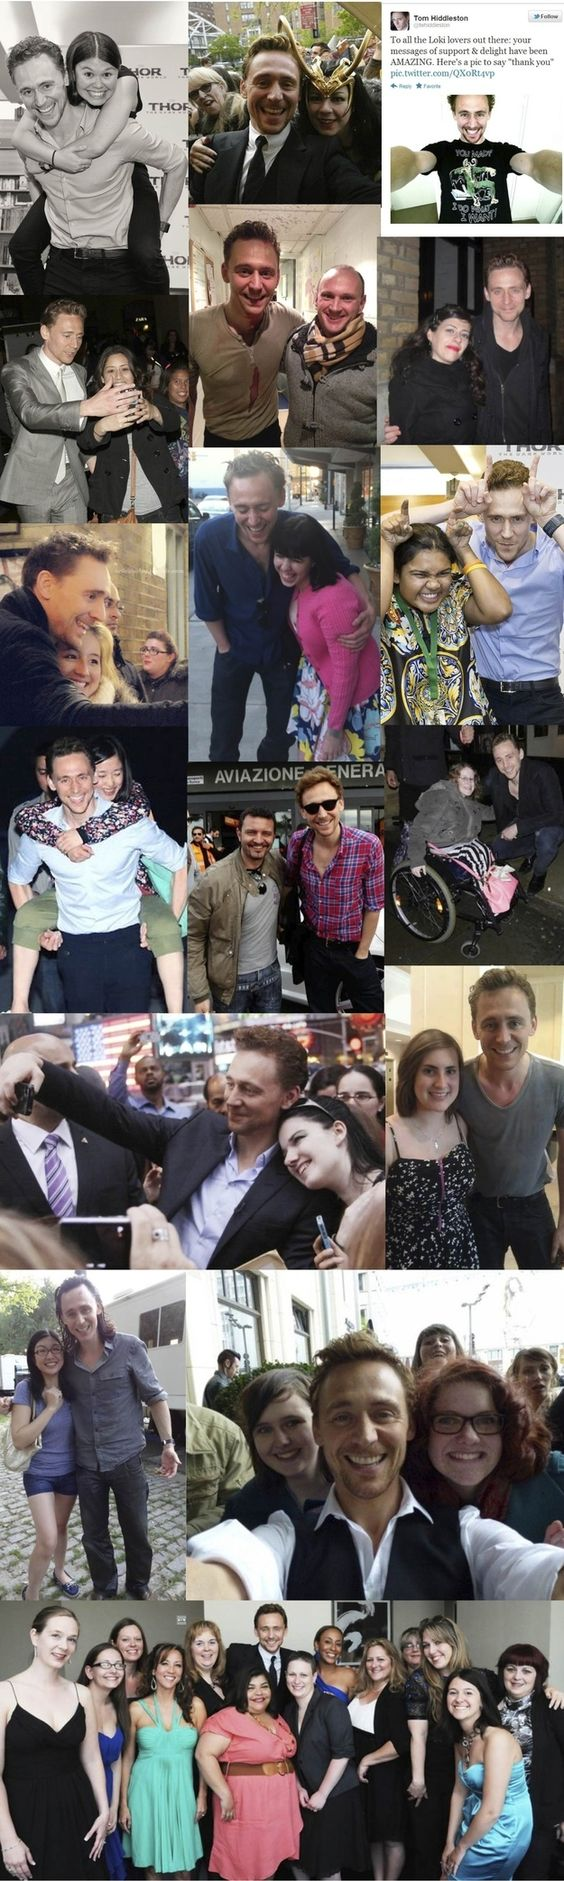 La más increíble compilación alrededor de las bondades de Tom Hiddleston   https://tomhiddlestonmx.wordpress.com/2015/02/25/la-mas-increible-compilacion-alrededor-de-las-bondades-de-tom-hiddleston/